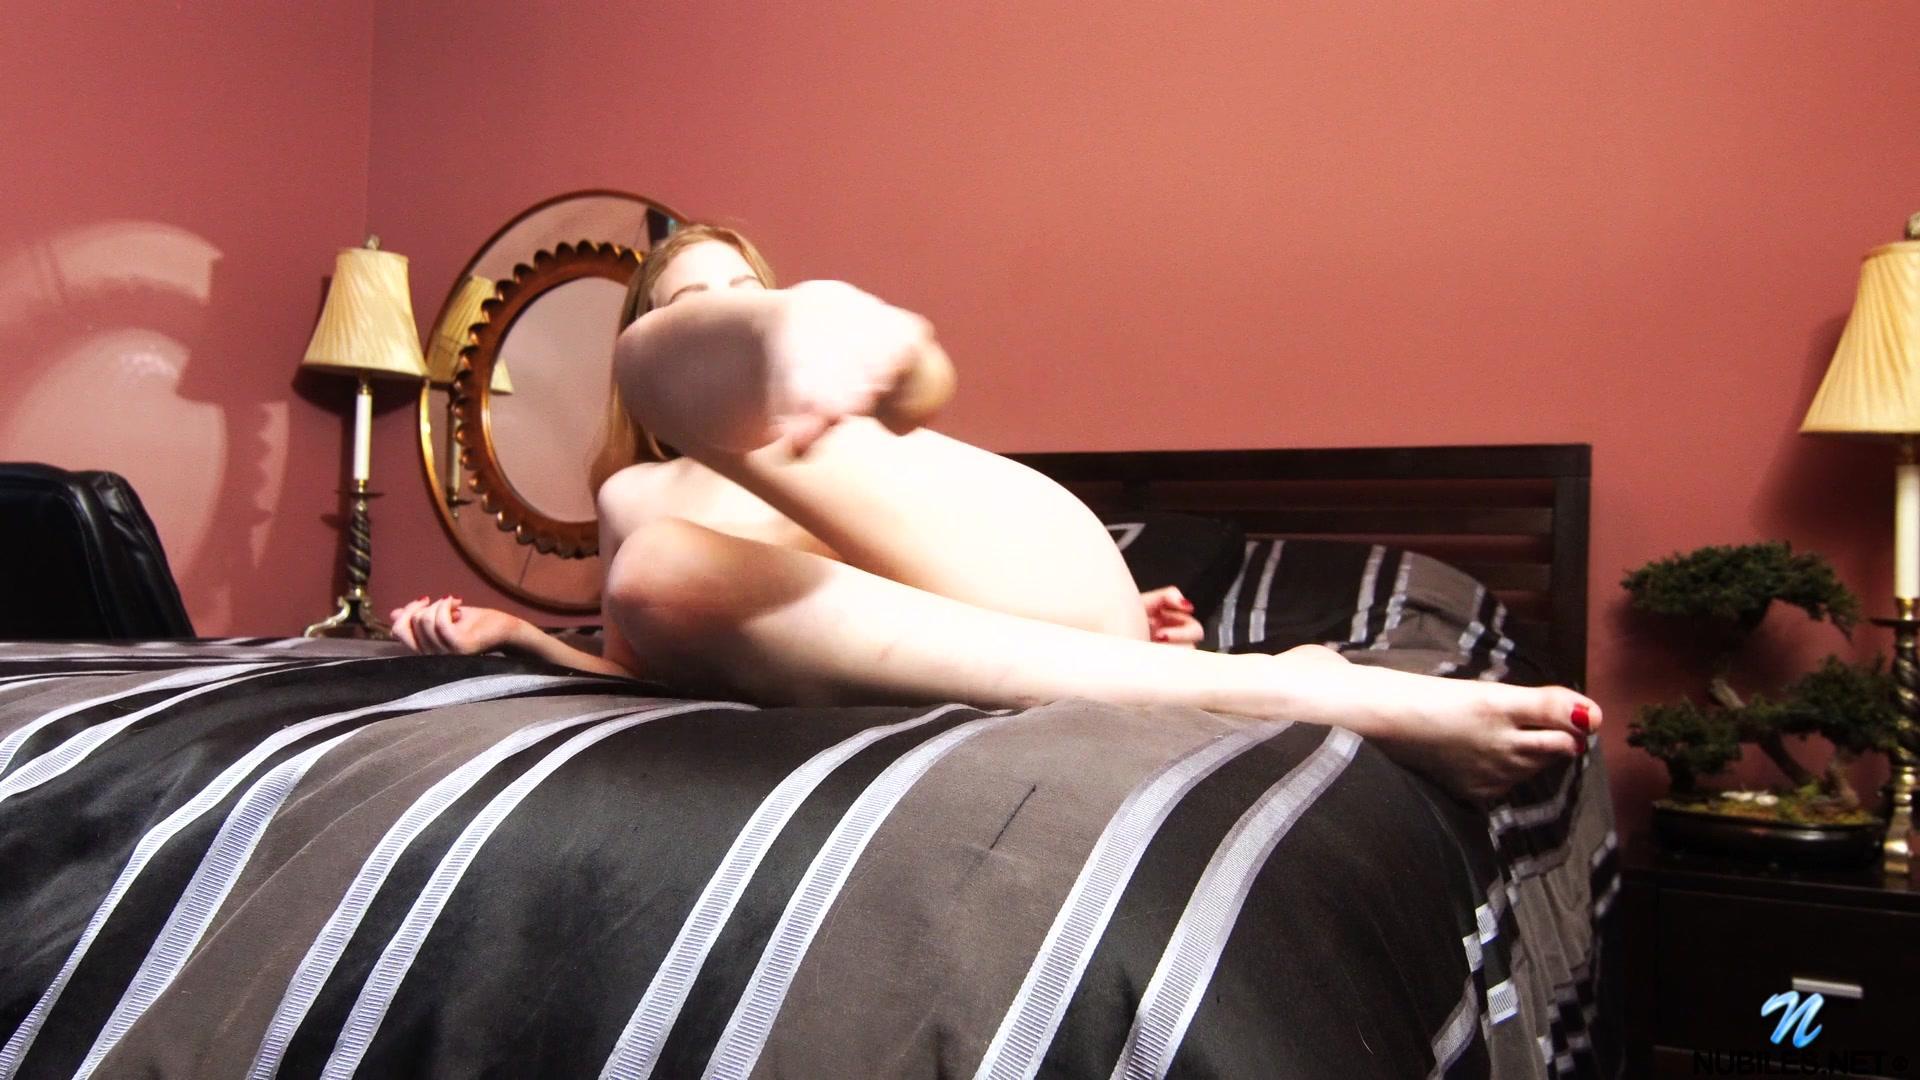 Nubiles – Brie Viano Deep Desire